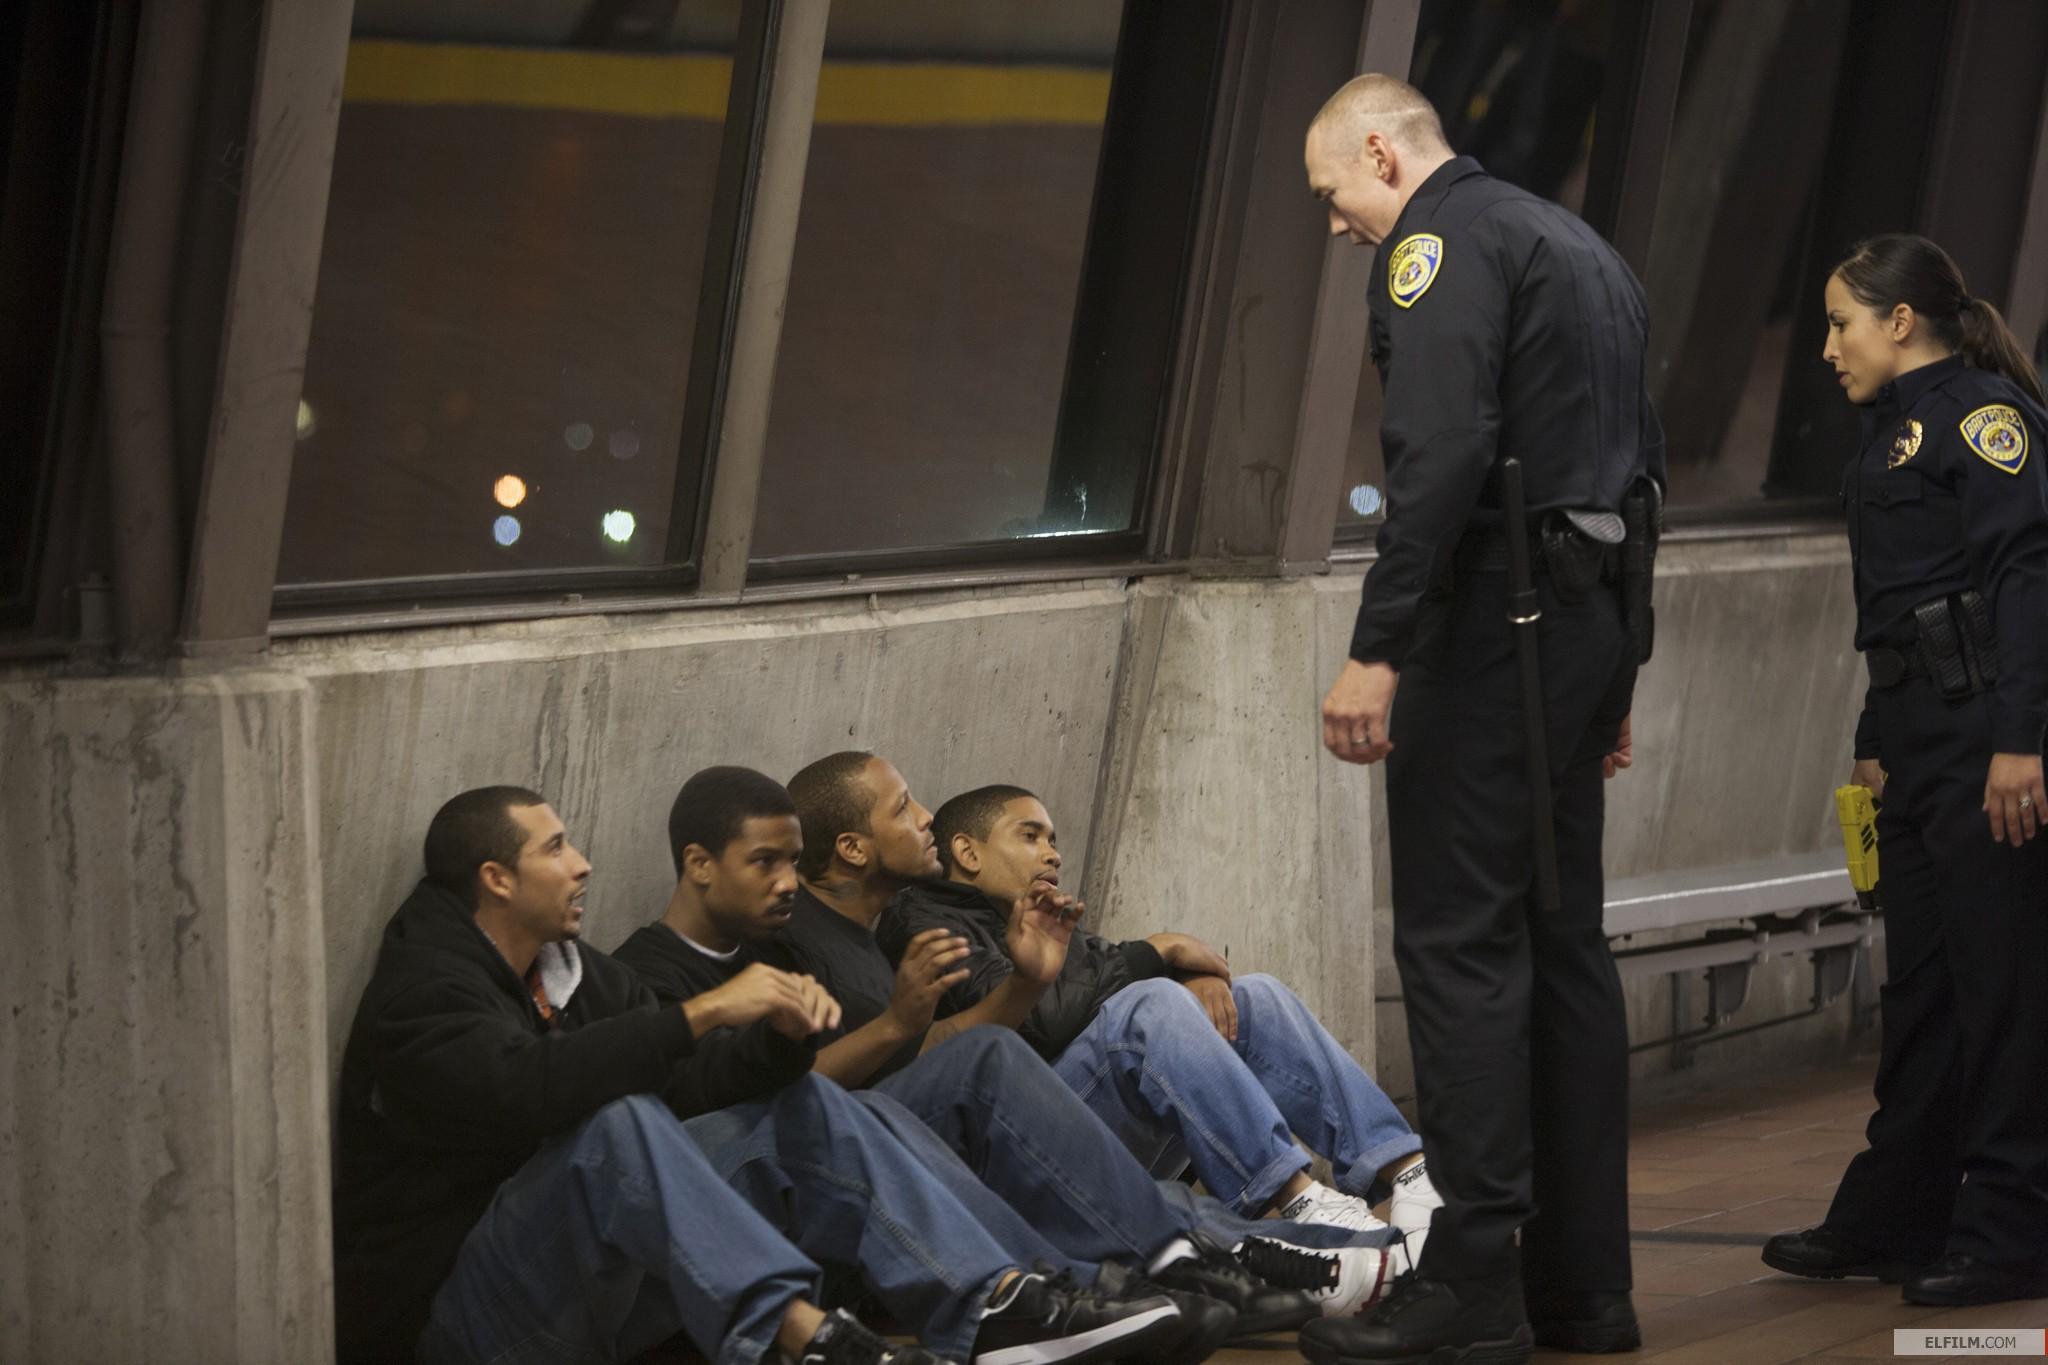 Cena de Fruitvale Station: A Última Parada, produção baseada em fatos reais com Michael B. Jordan (photo by www.elfilm.com)